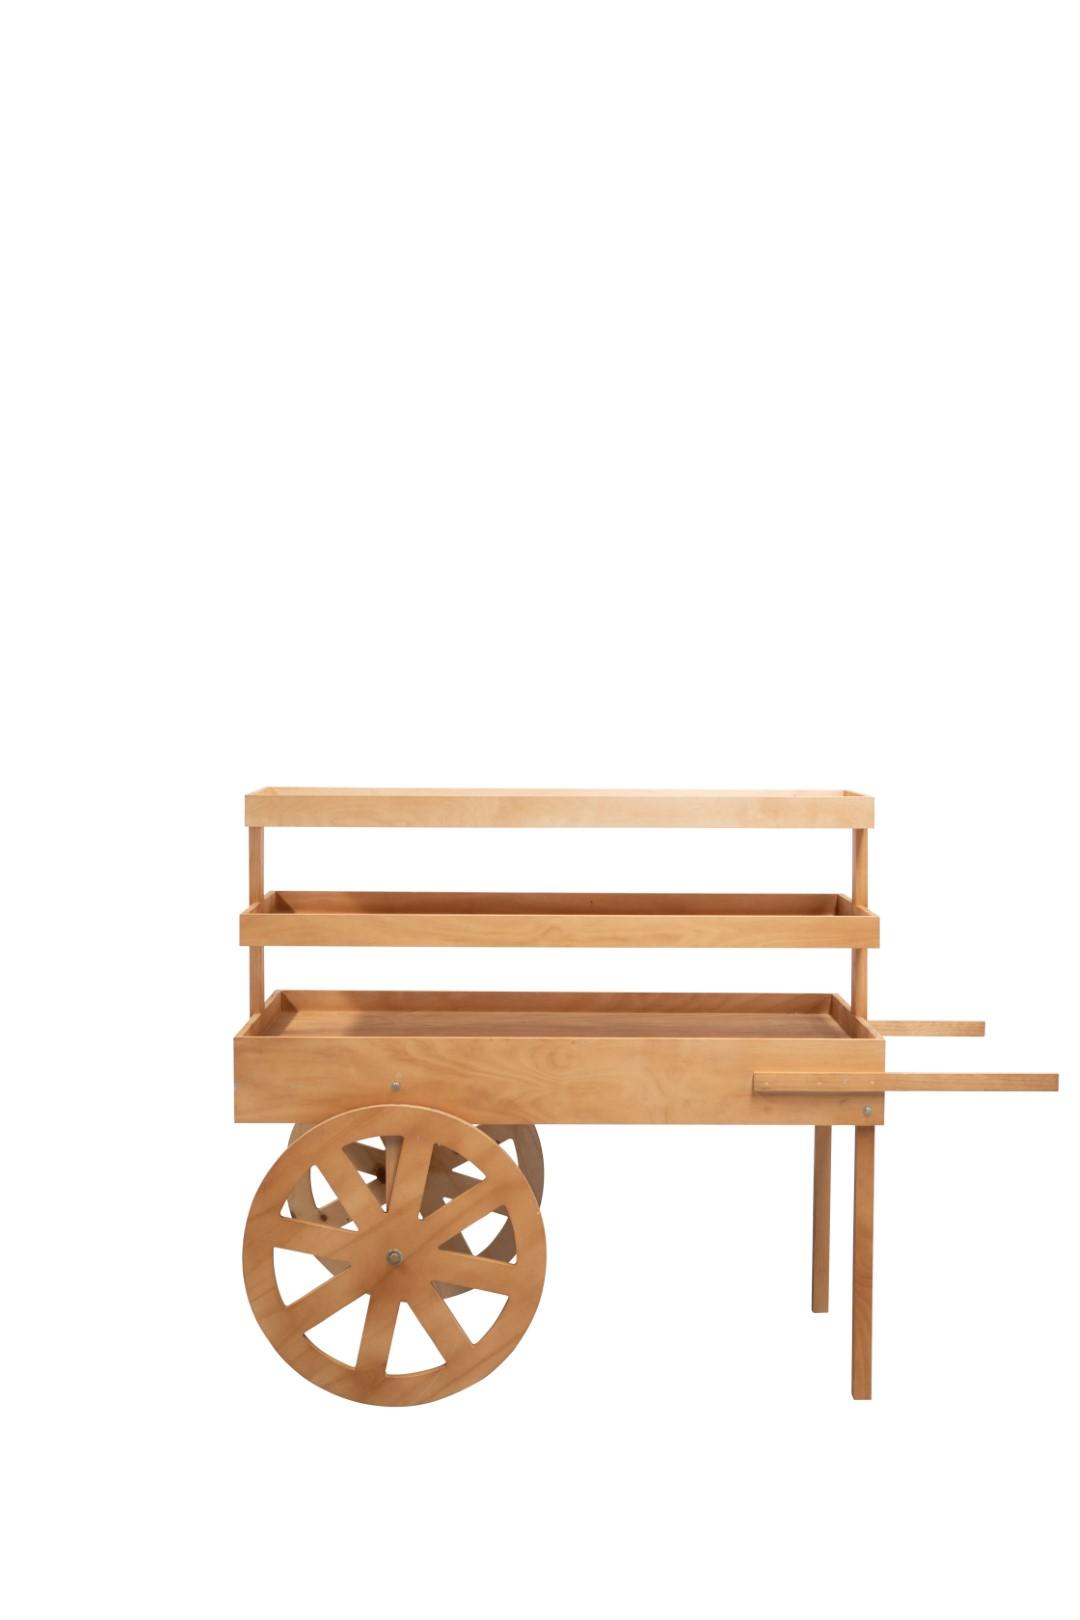 Timber Food Display Cart